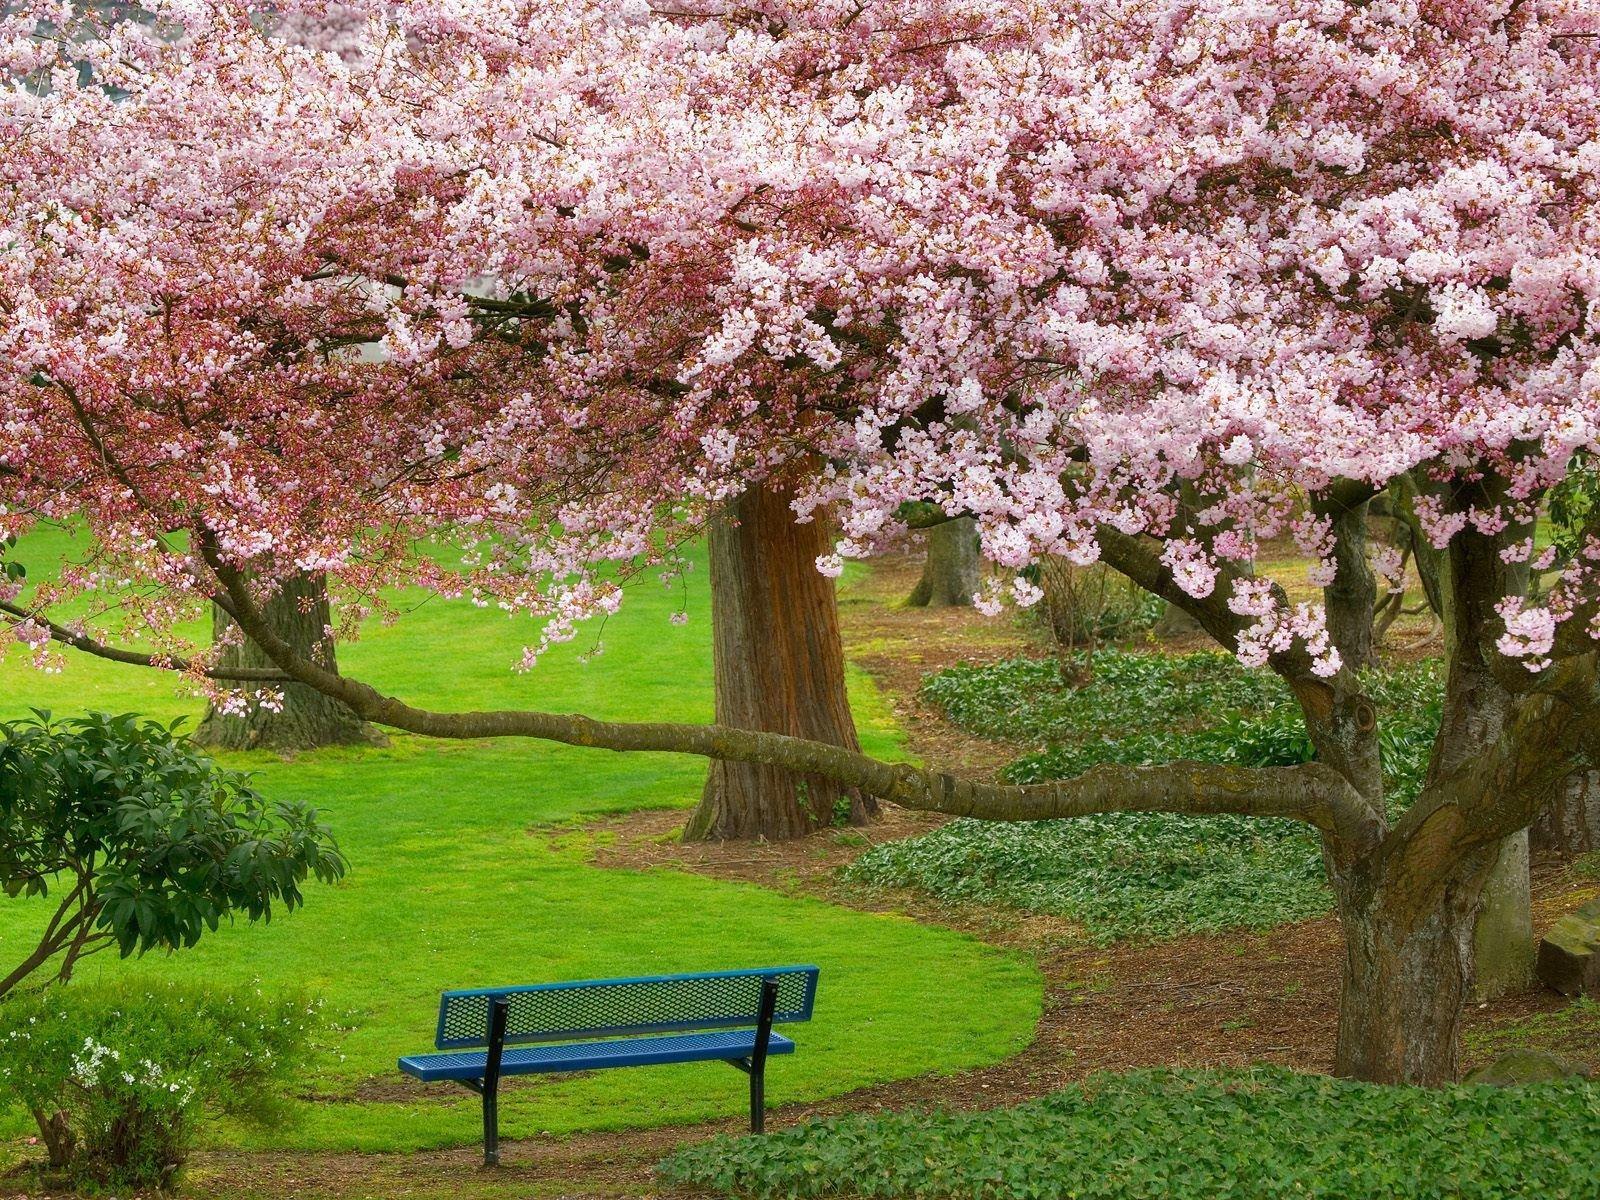 بالصور صور فصل الربيع , اروع صور لفصل الربيع وجماله 2841 2